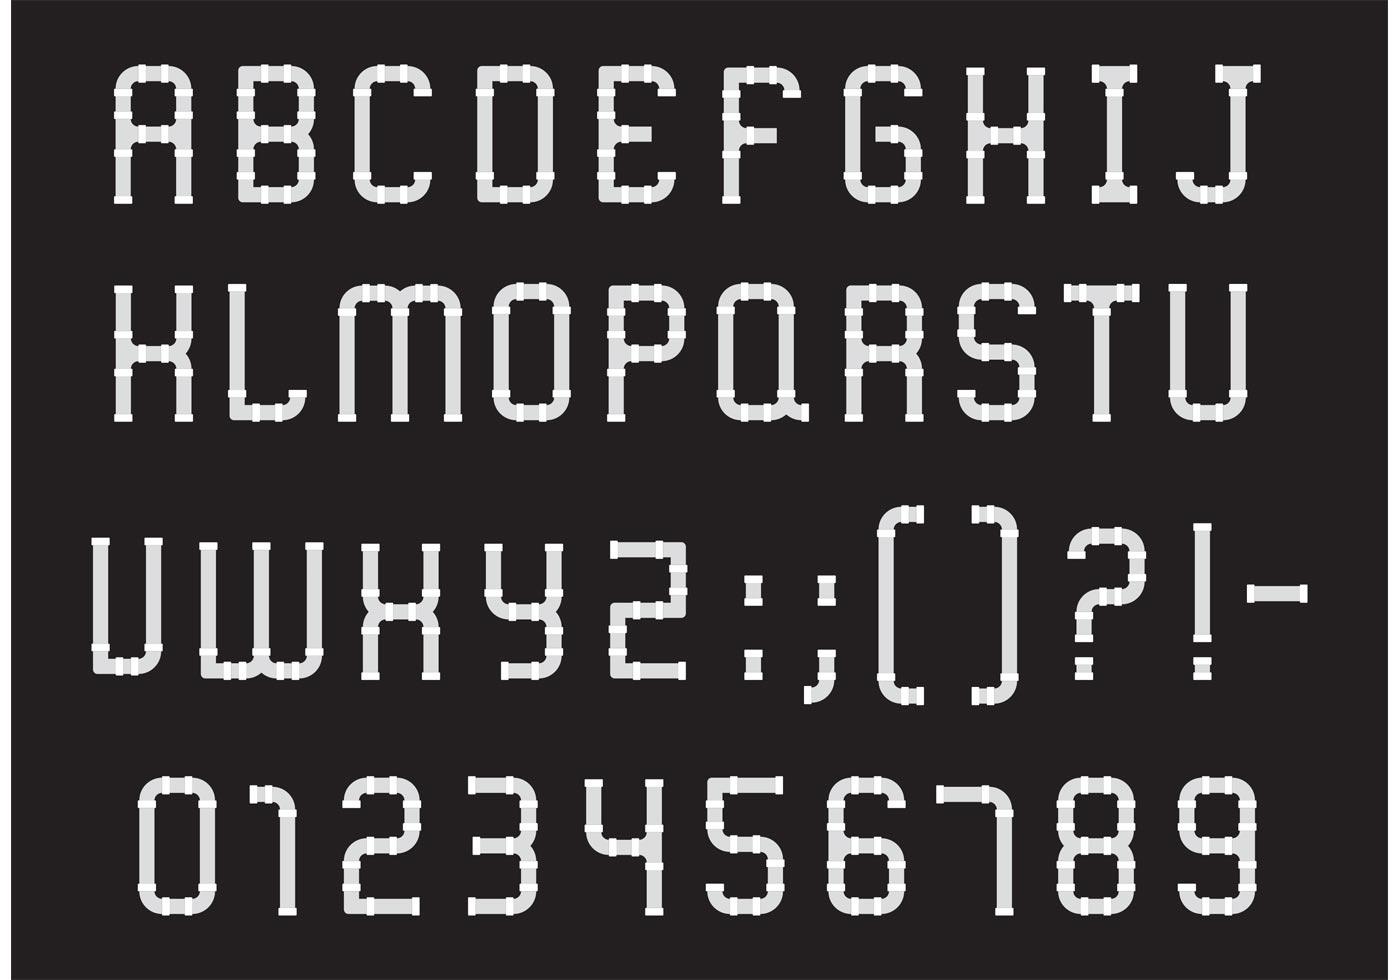 Download Pipe Alphabet Type Vector Pack - Download Free Vectors ...